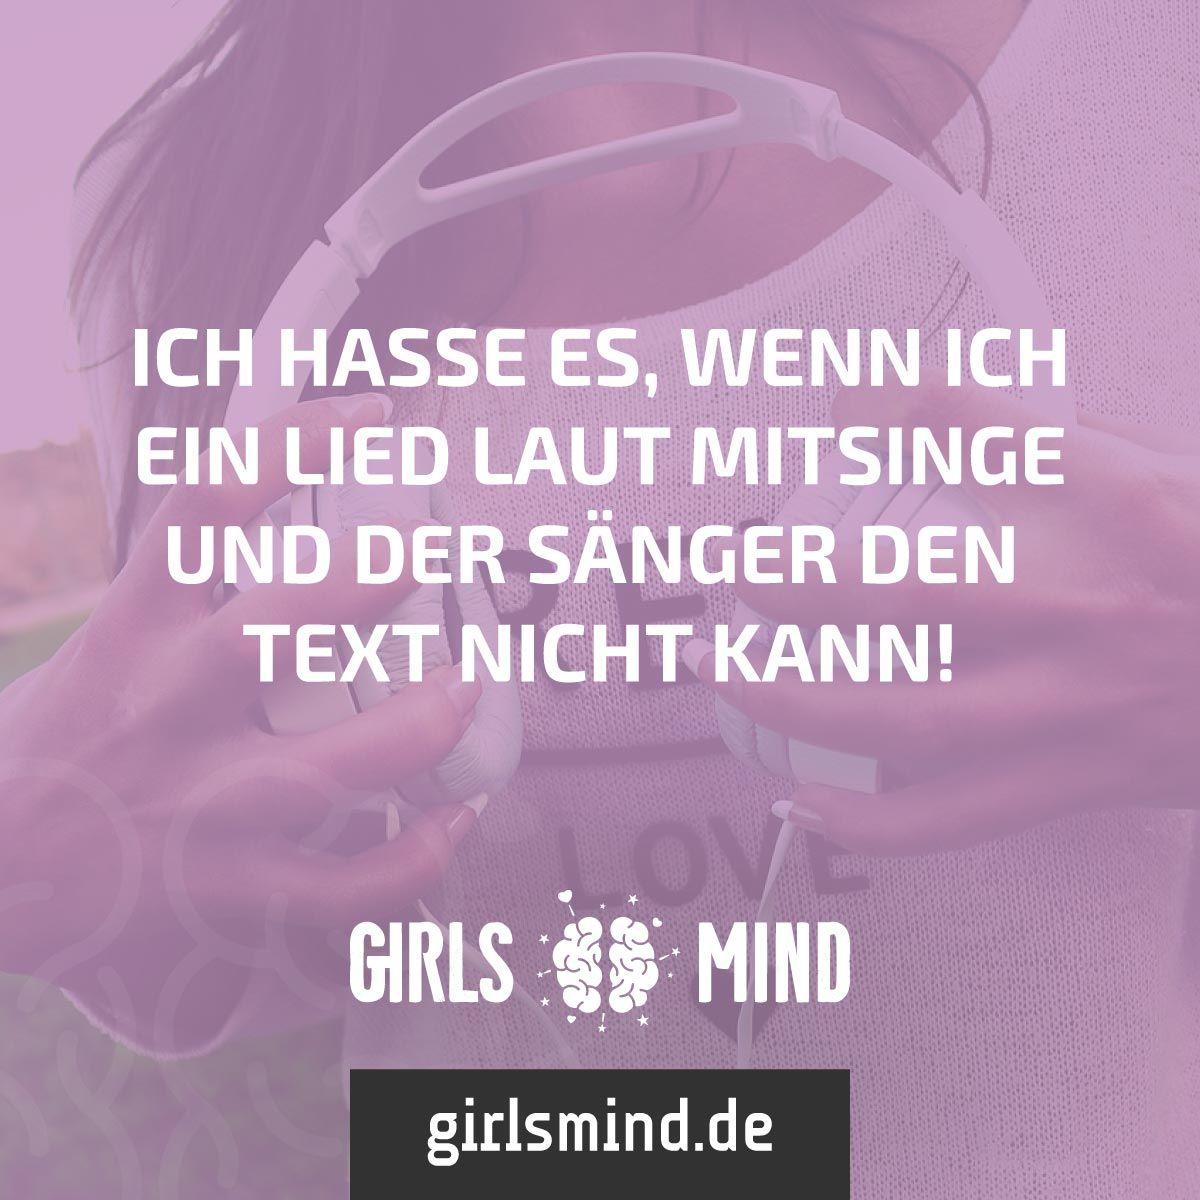 Mehr Sprüche auf: .girlsmind.de #singen #musik #lied #text